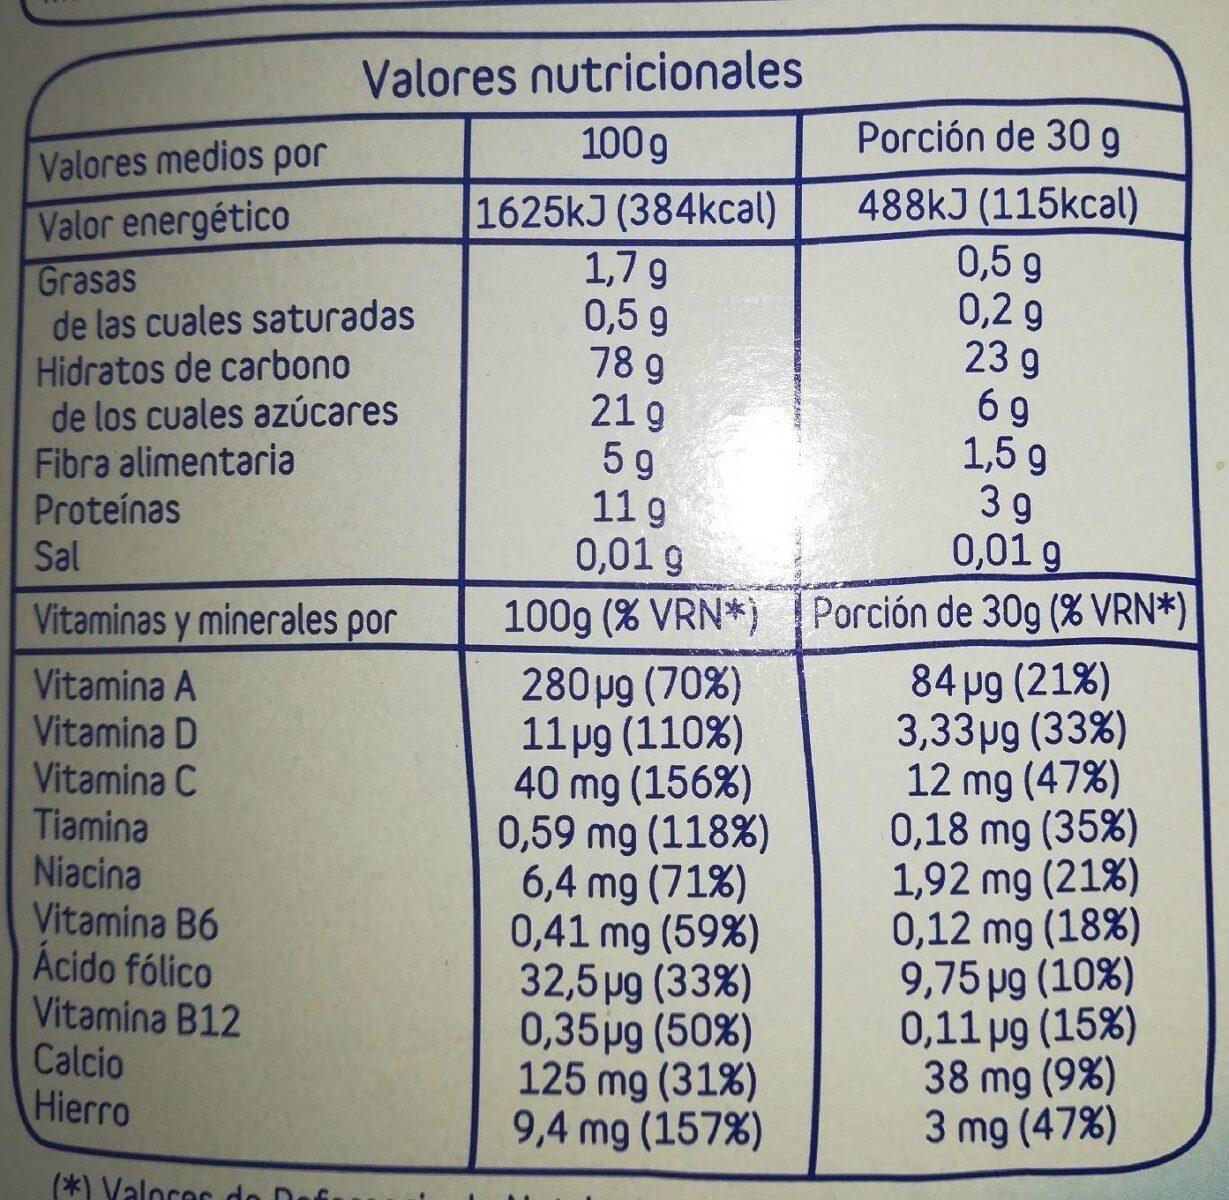 Baby multicereales con cacao - Valori nutrizionali - es